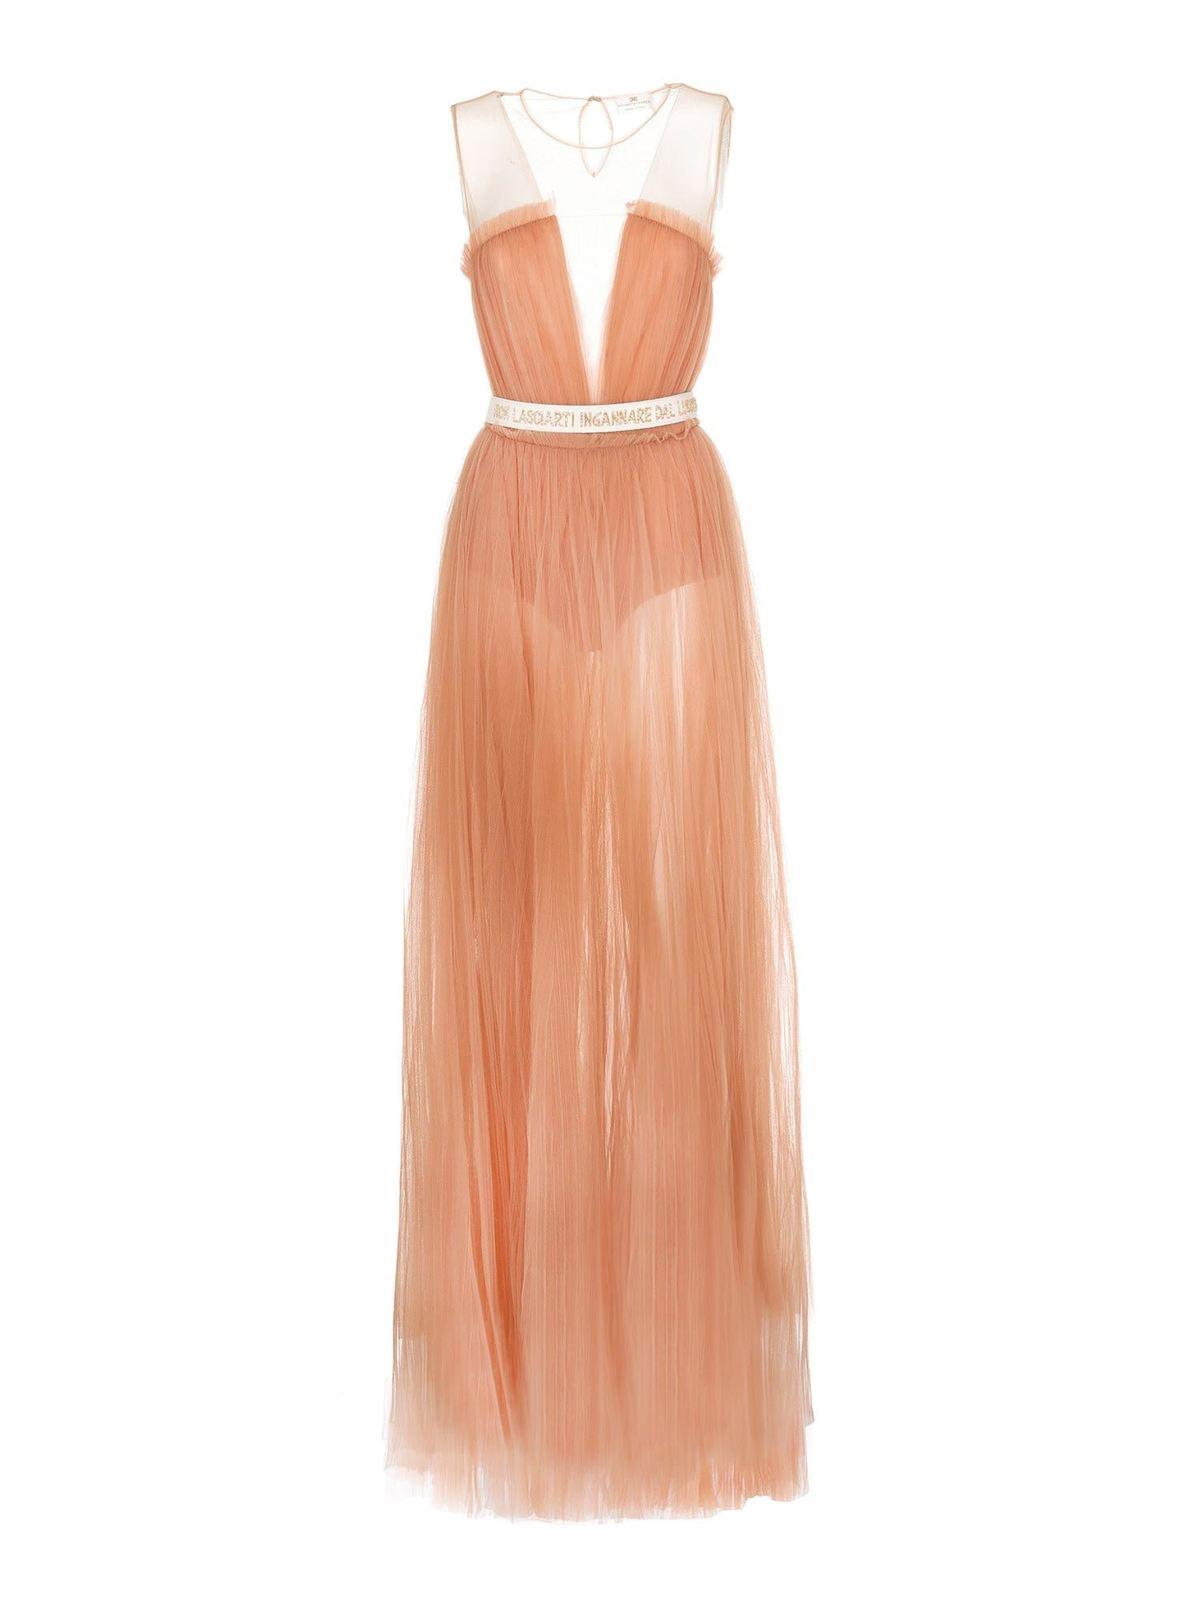 Elisabetta Franchi LONG DRESS IN ROSE GOLD